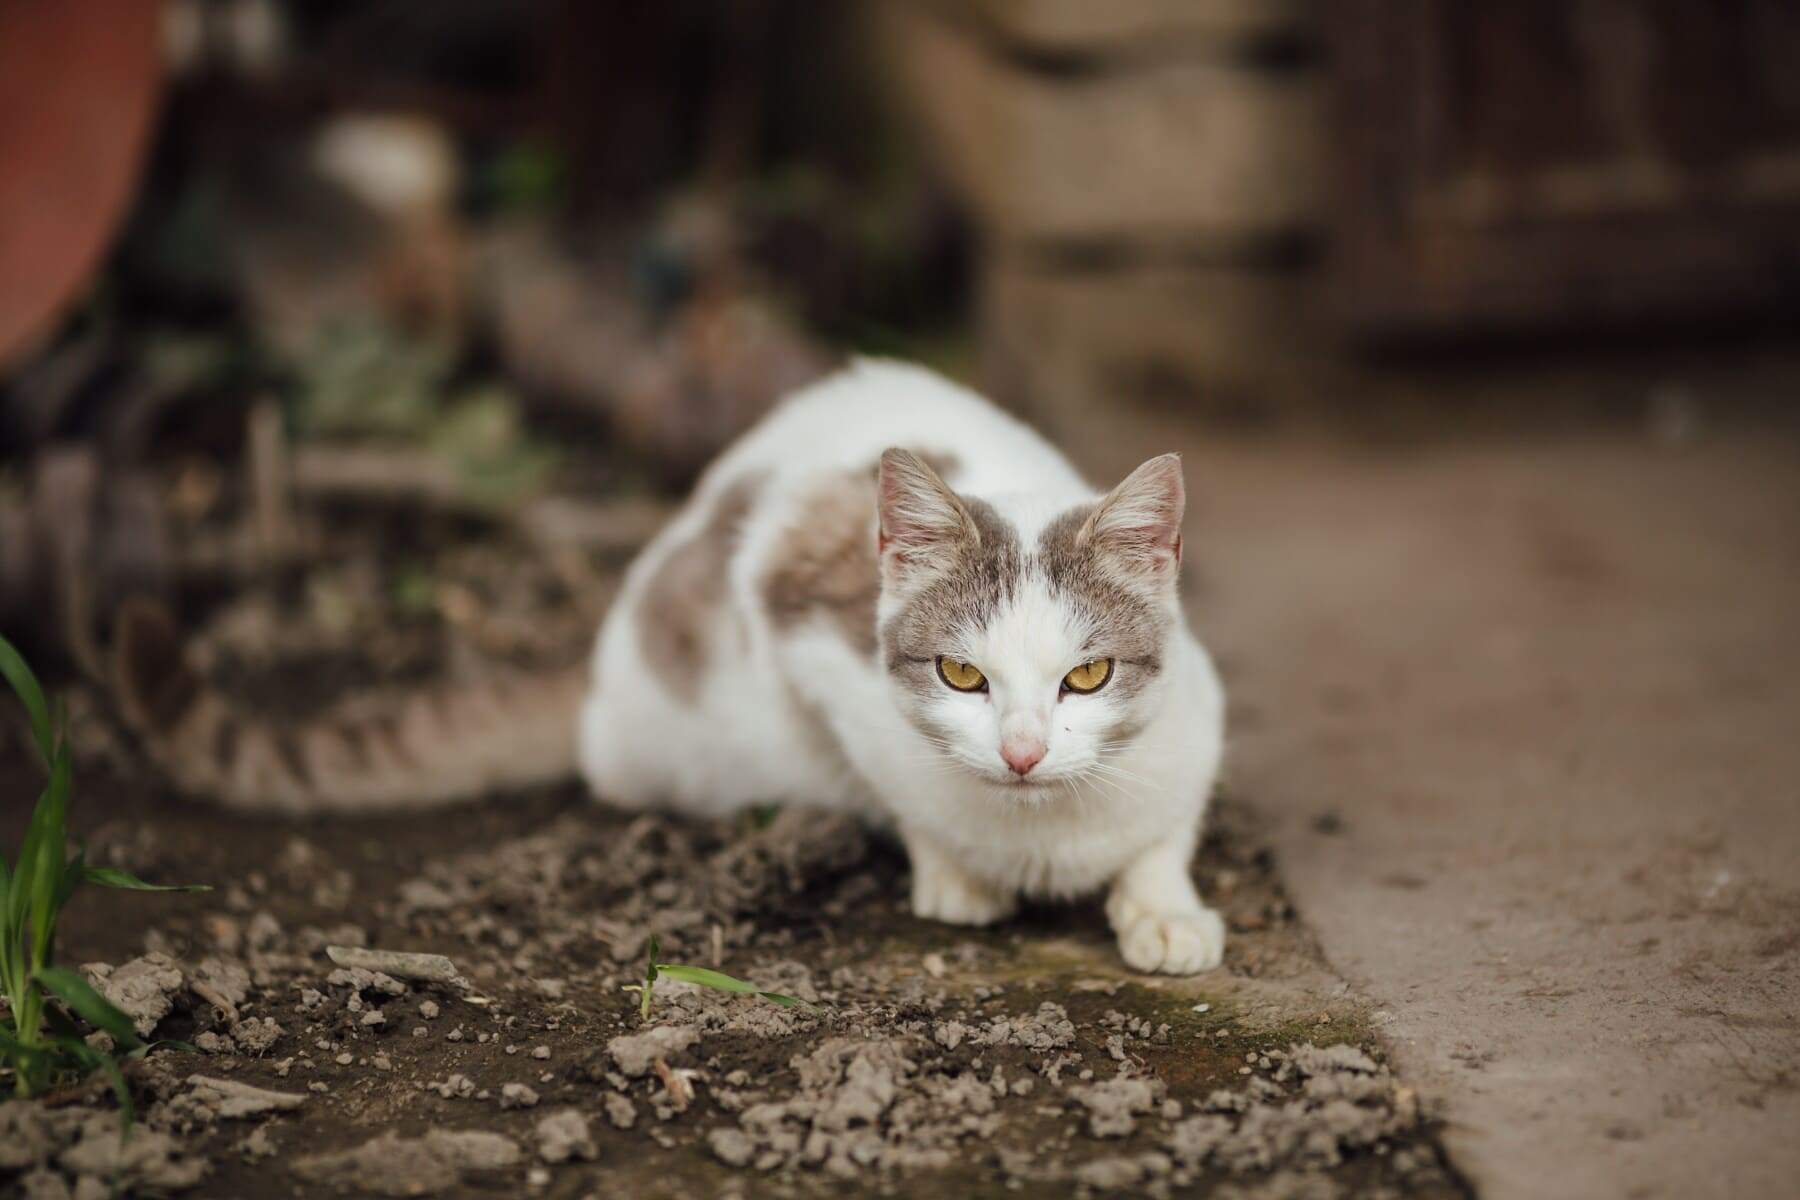 Hauskatze, neugierig, Auge, Kätzchen, Haustier, Tier, katze, niedlich, katzenartig, inländische